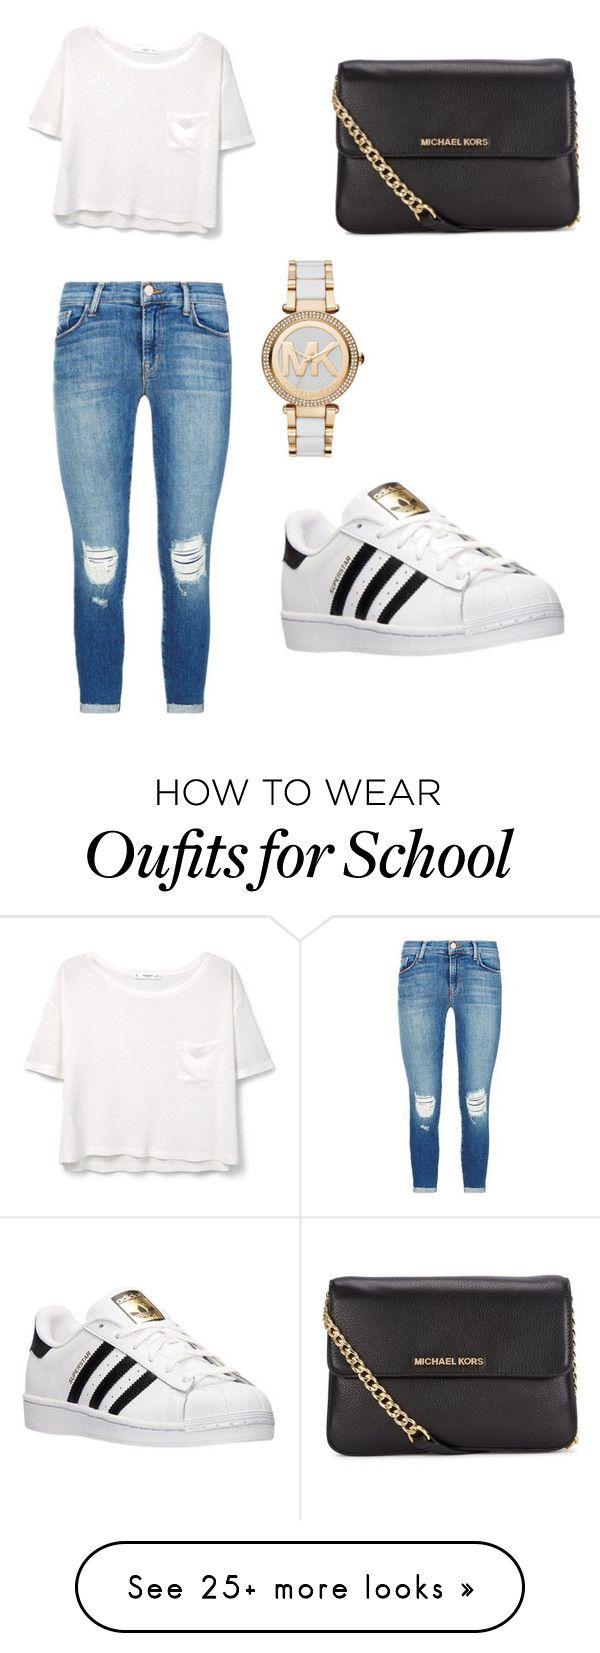 su pinterest scuola vestiti e scarpe nike, adidas